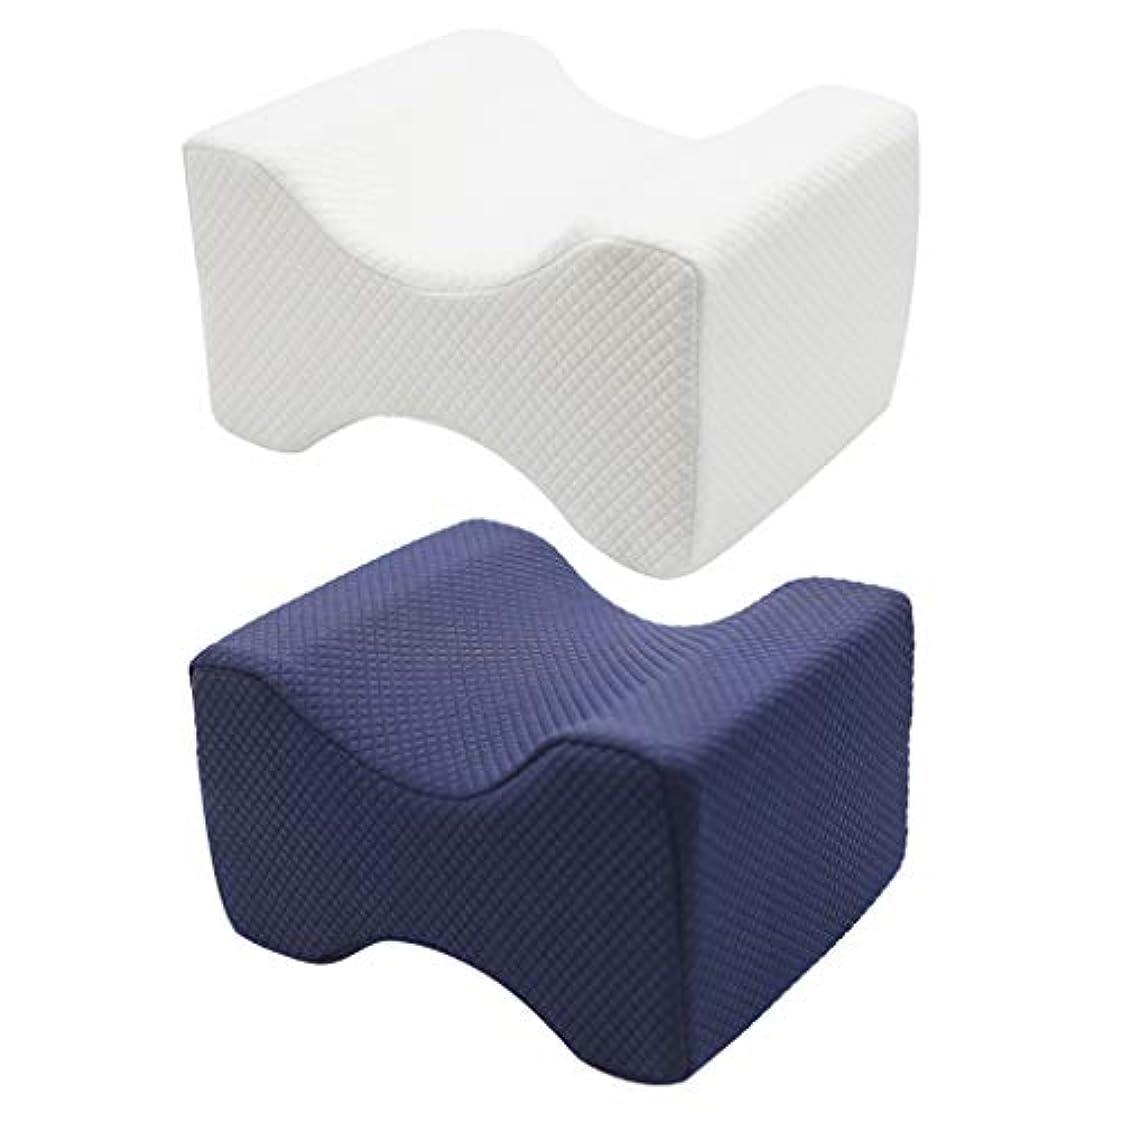 定常近似ポーターSharrring記憶枕 肩こり対策 まくら 低反発枕、快眠枕 首?頭?肩 頸椎サポート 頭痛改善 ストレートネック矯正マクラ (白)